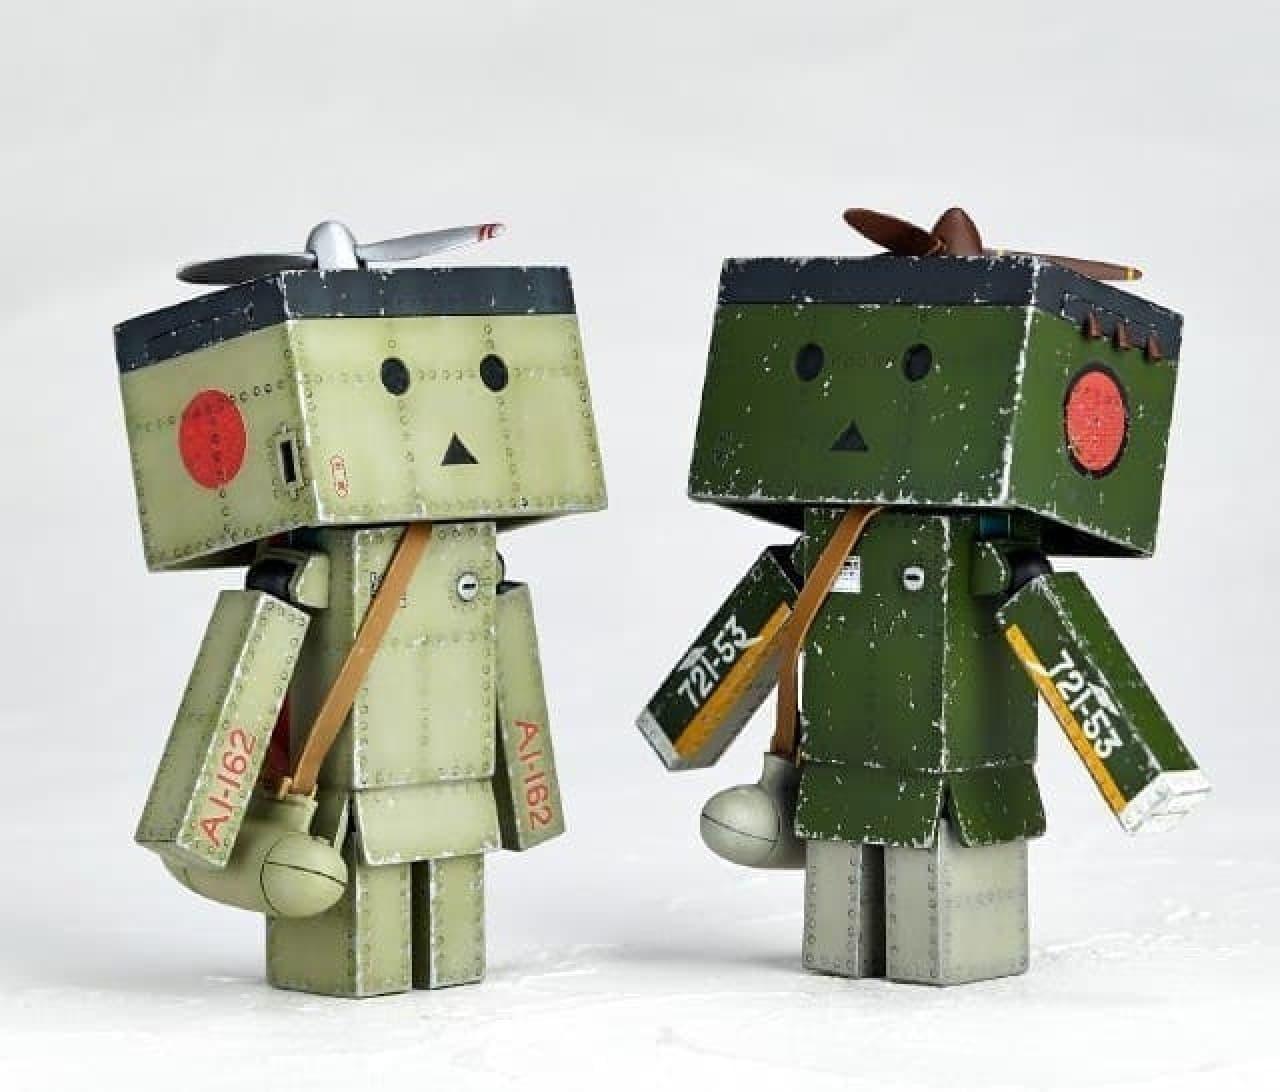 21型(画像左)は明灰白色ベースで、  52型(画像右)は暗緑色ベースで仕上げられた  (C)KIYOHIKO AZUMA/YOTUBA SUTAZIO